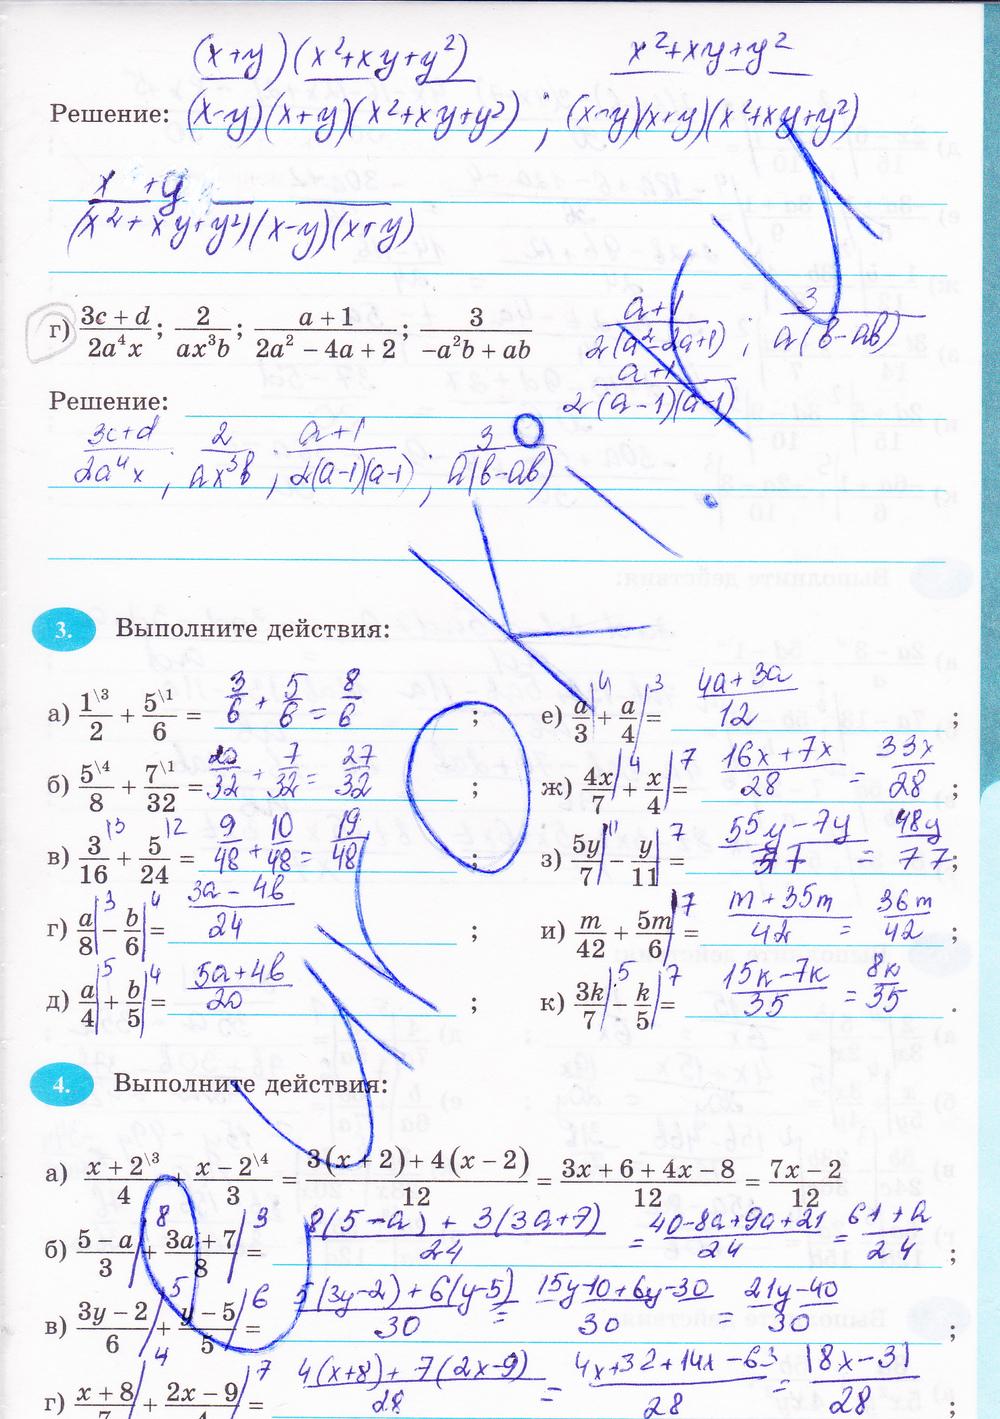 Гдз рабочей тетради по алгебре 8 класс т.м.ерина